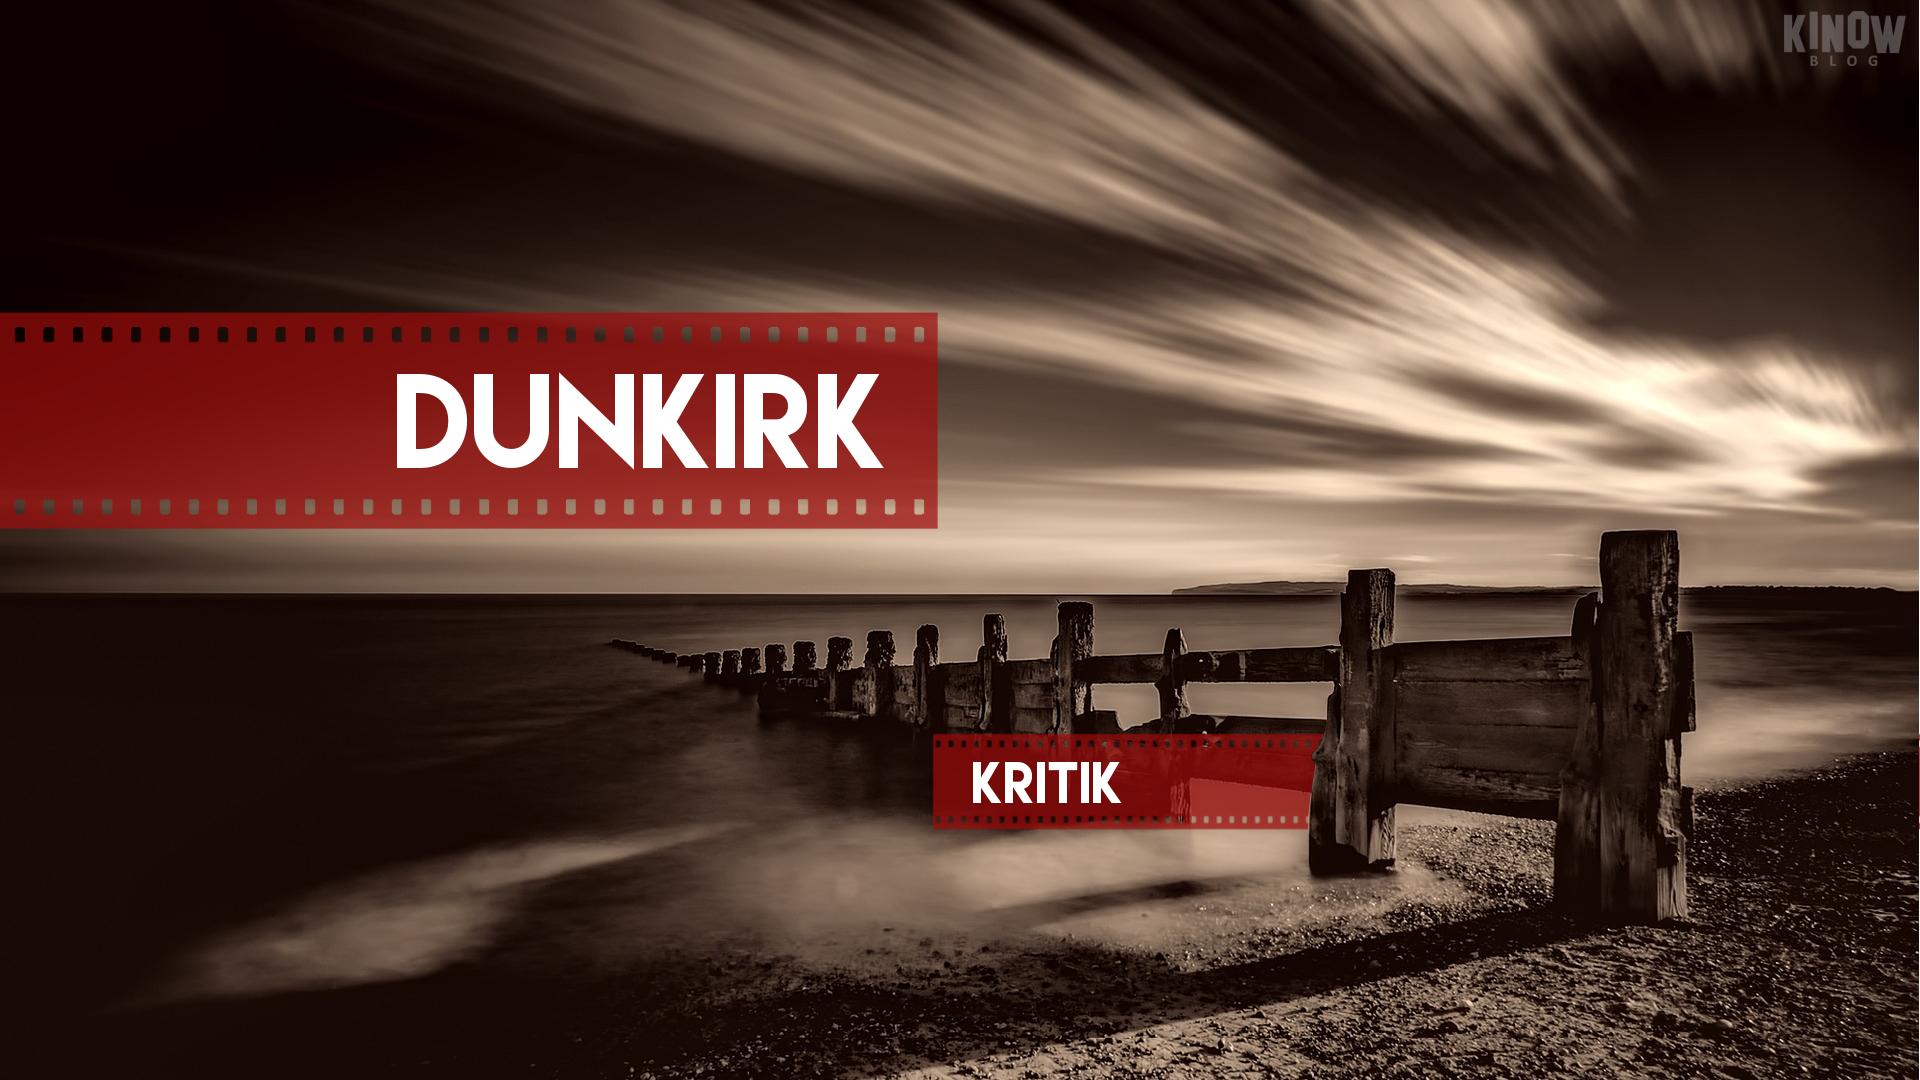 Dunkirk Kritik